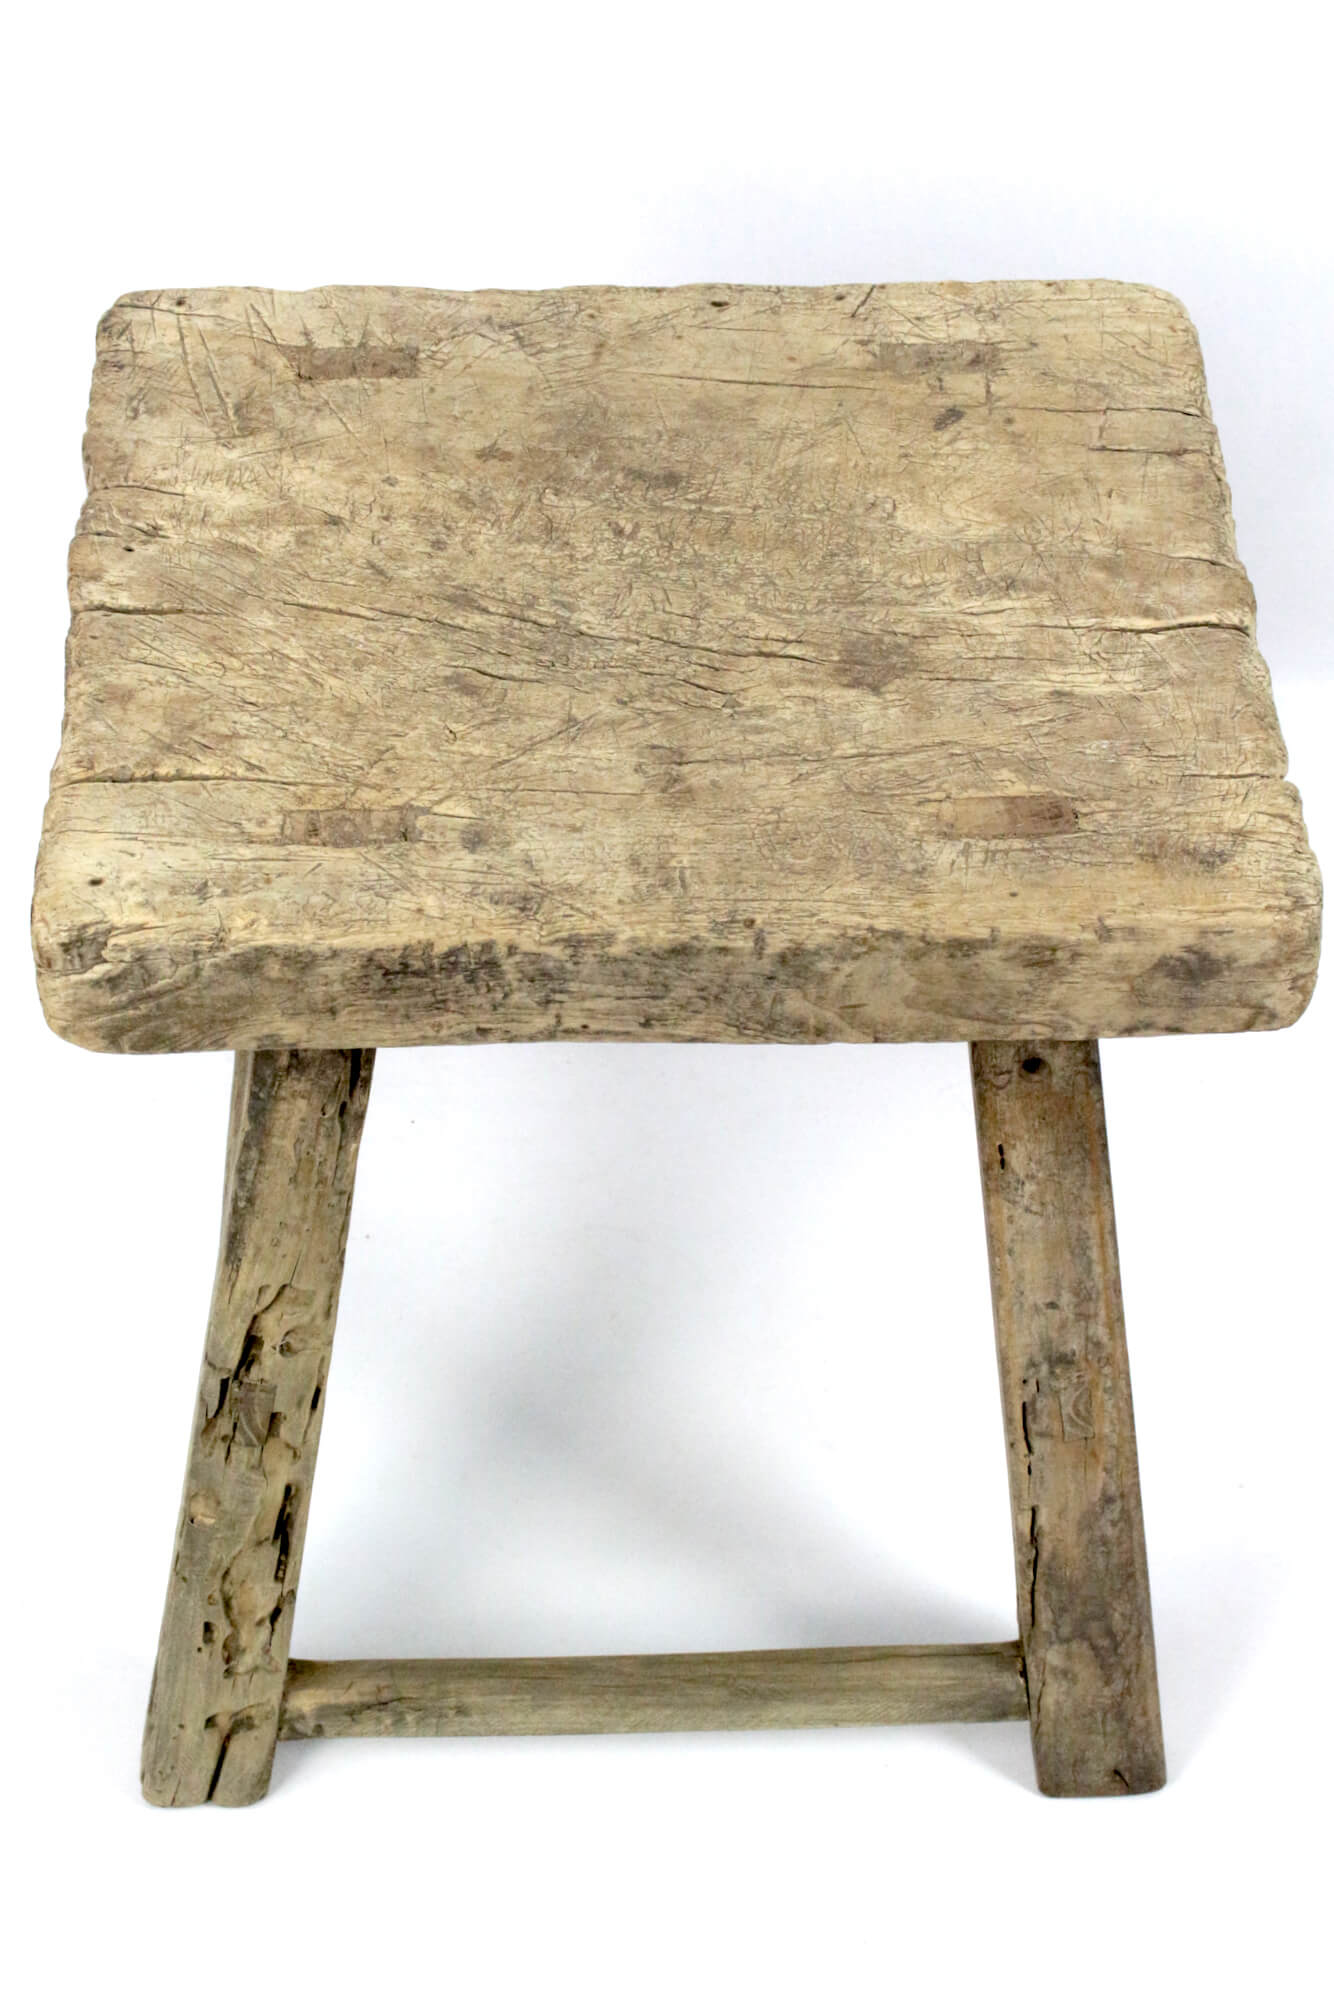 Chinesischer Hocker  / Tisch antik